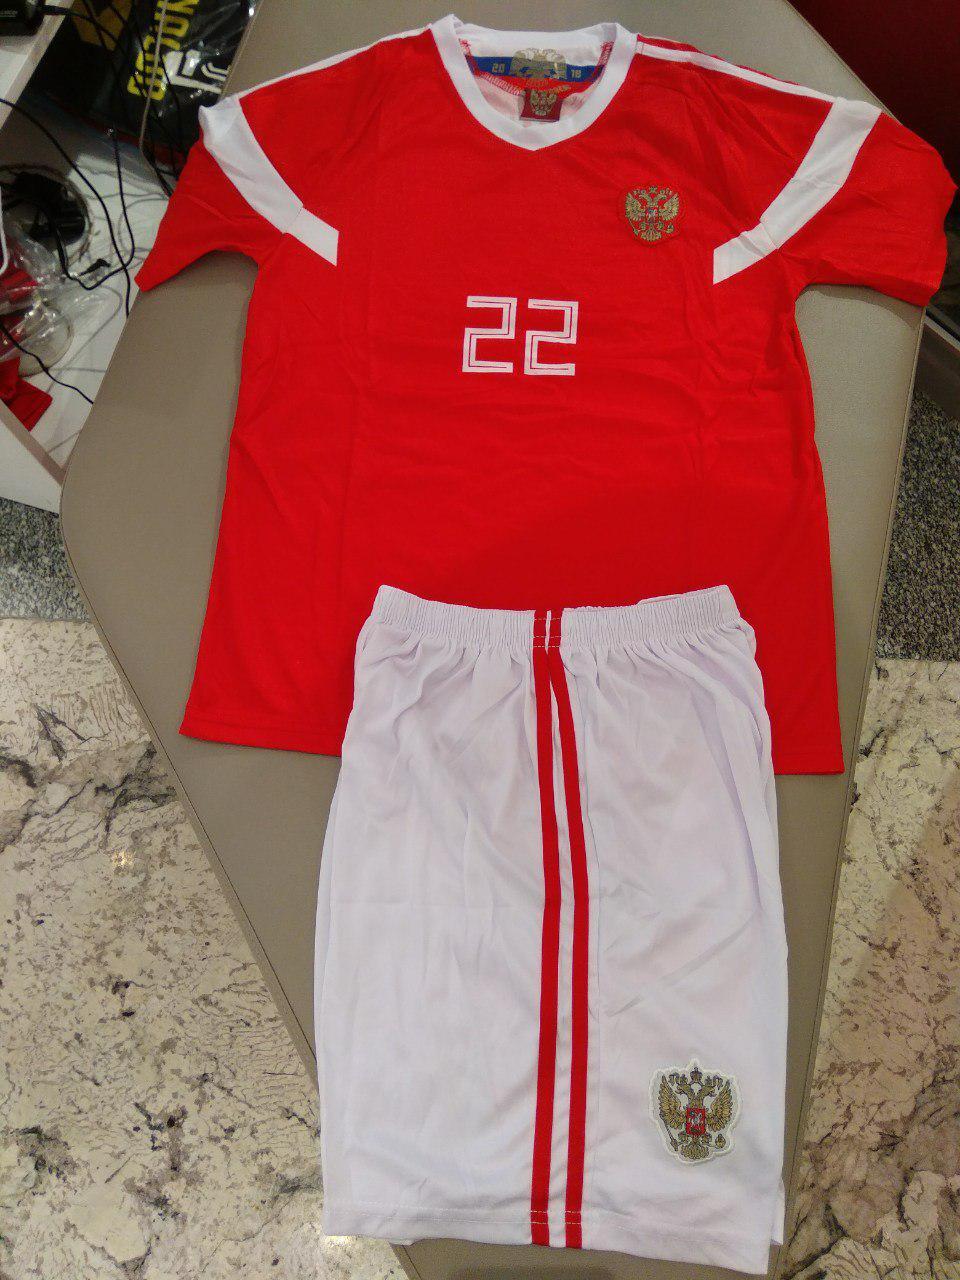 Детская футбольная формаРоссия,ДзюбаДетские: от 2 до 6 летПодростковые: от 6 до 14 летВзрослые: S, M, L, XL. XXLФутболка, шортыВ наличии1190руб.